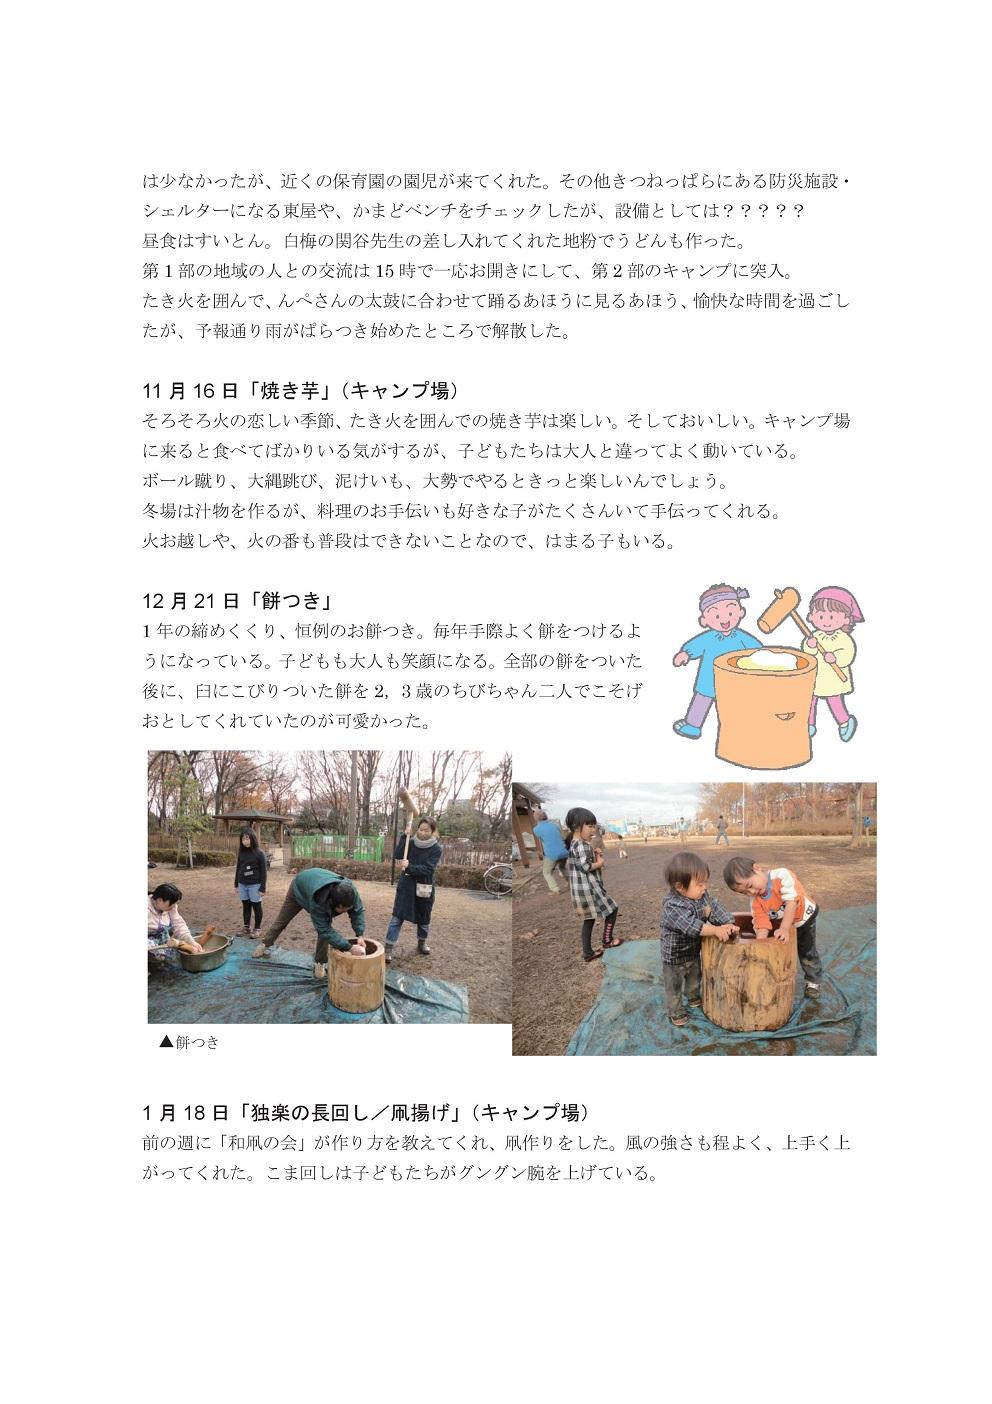 2014年度 活動報告書 こだいら自由遊びの会2-004.jpg